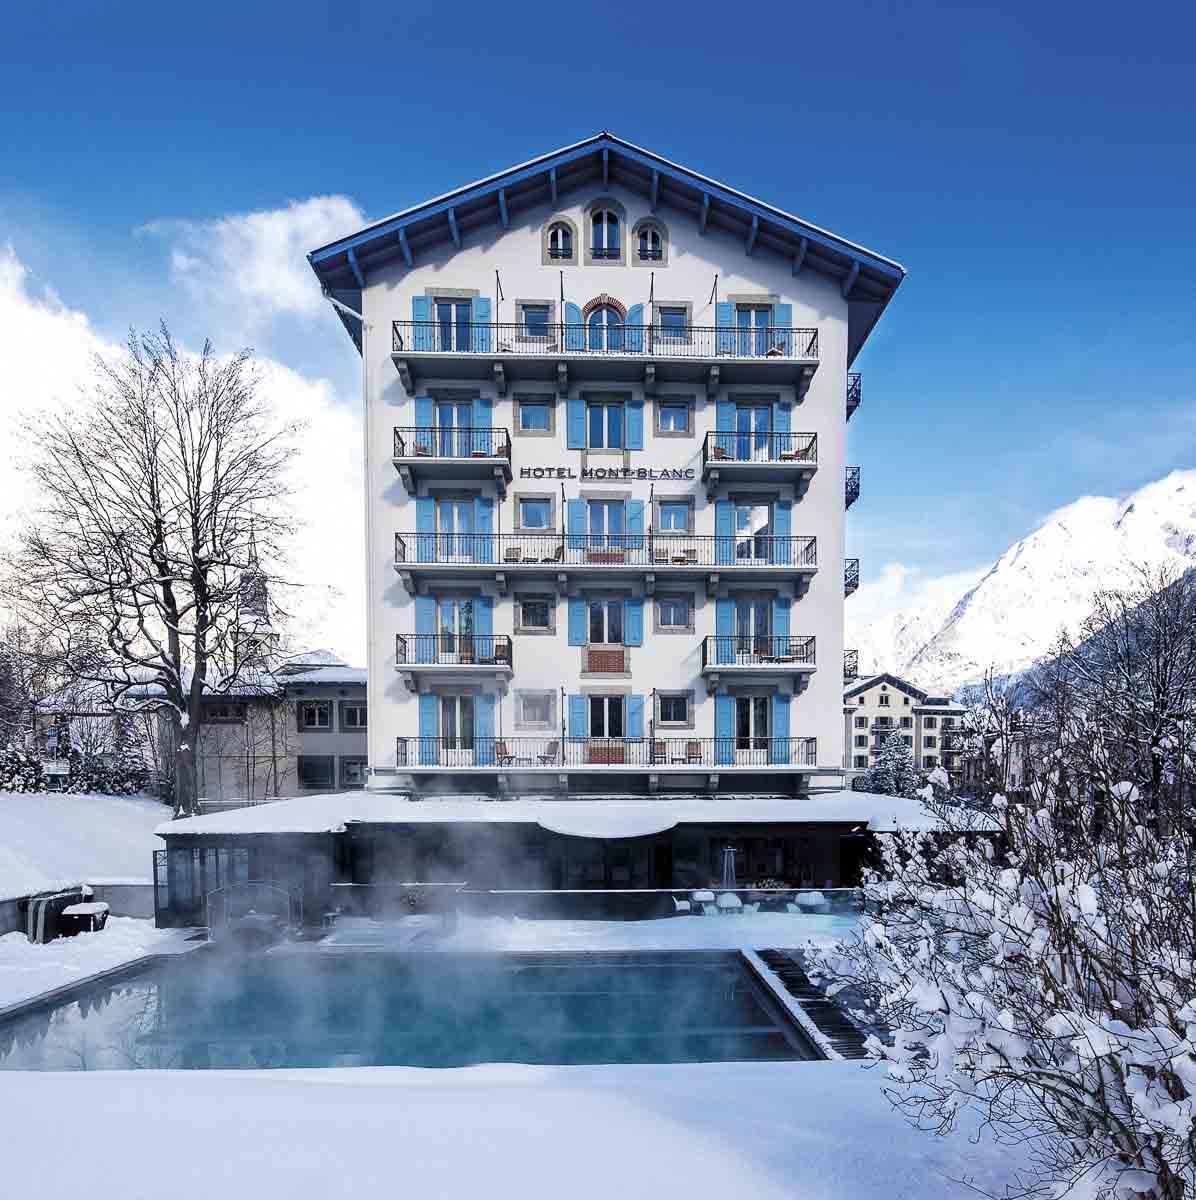 L'Hôtel Mont-Blanc Chamonix sous la neige © DR